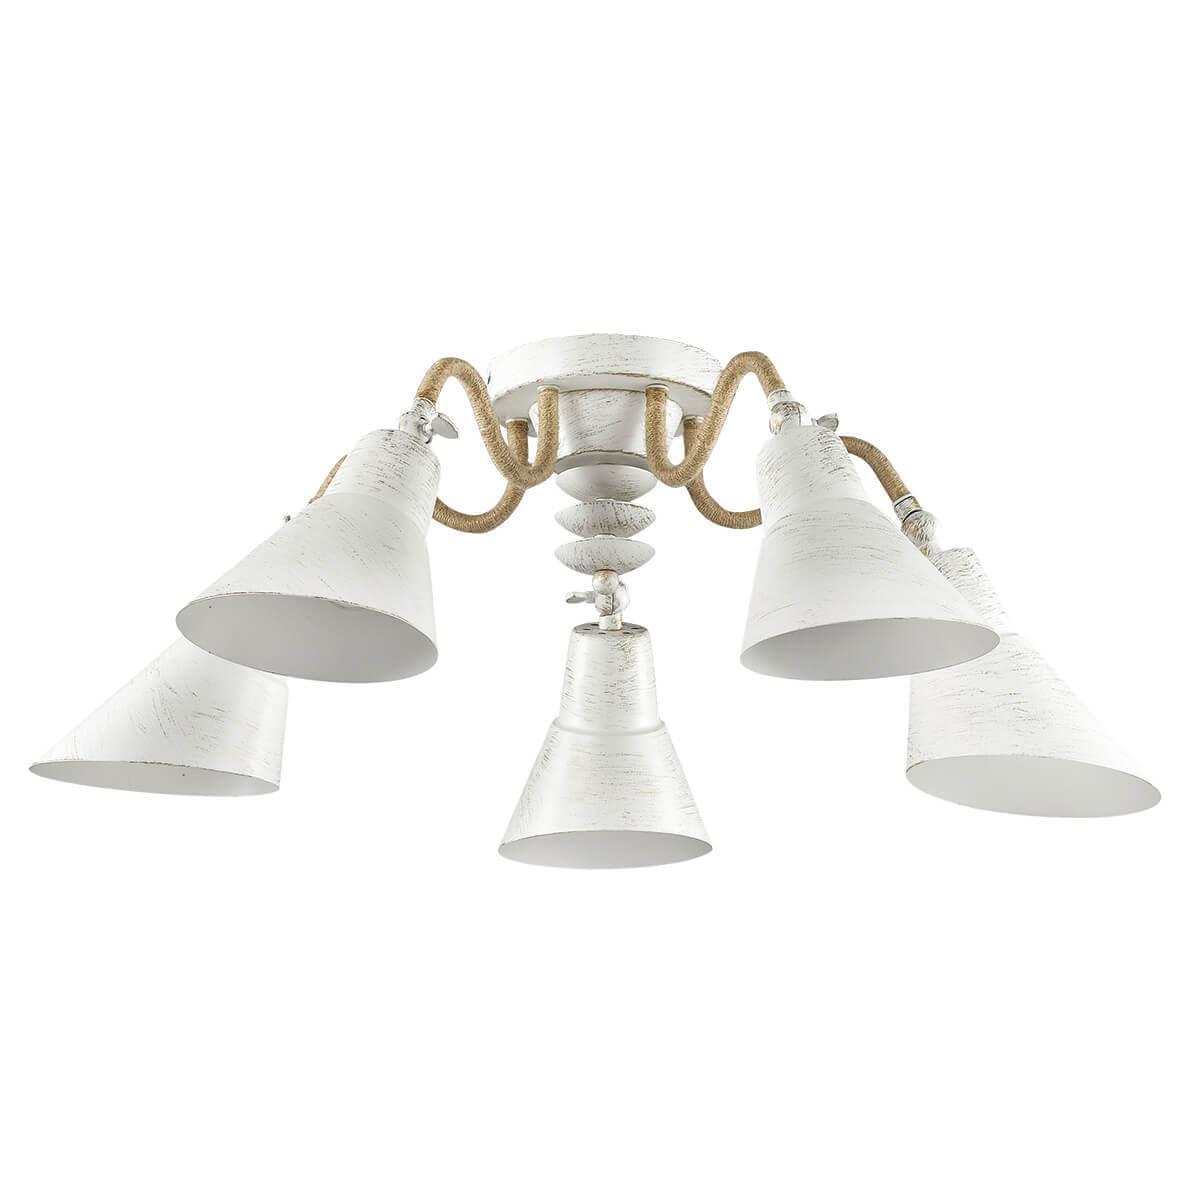 Потолочная люстра Lumion Argo 3246/5C lumion потолочная люстра lumion argo 3246 5c